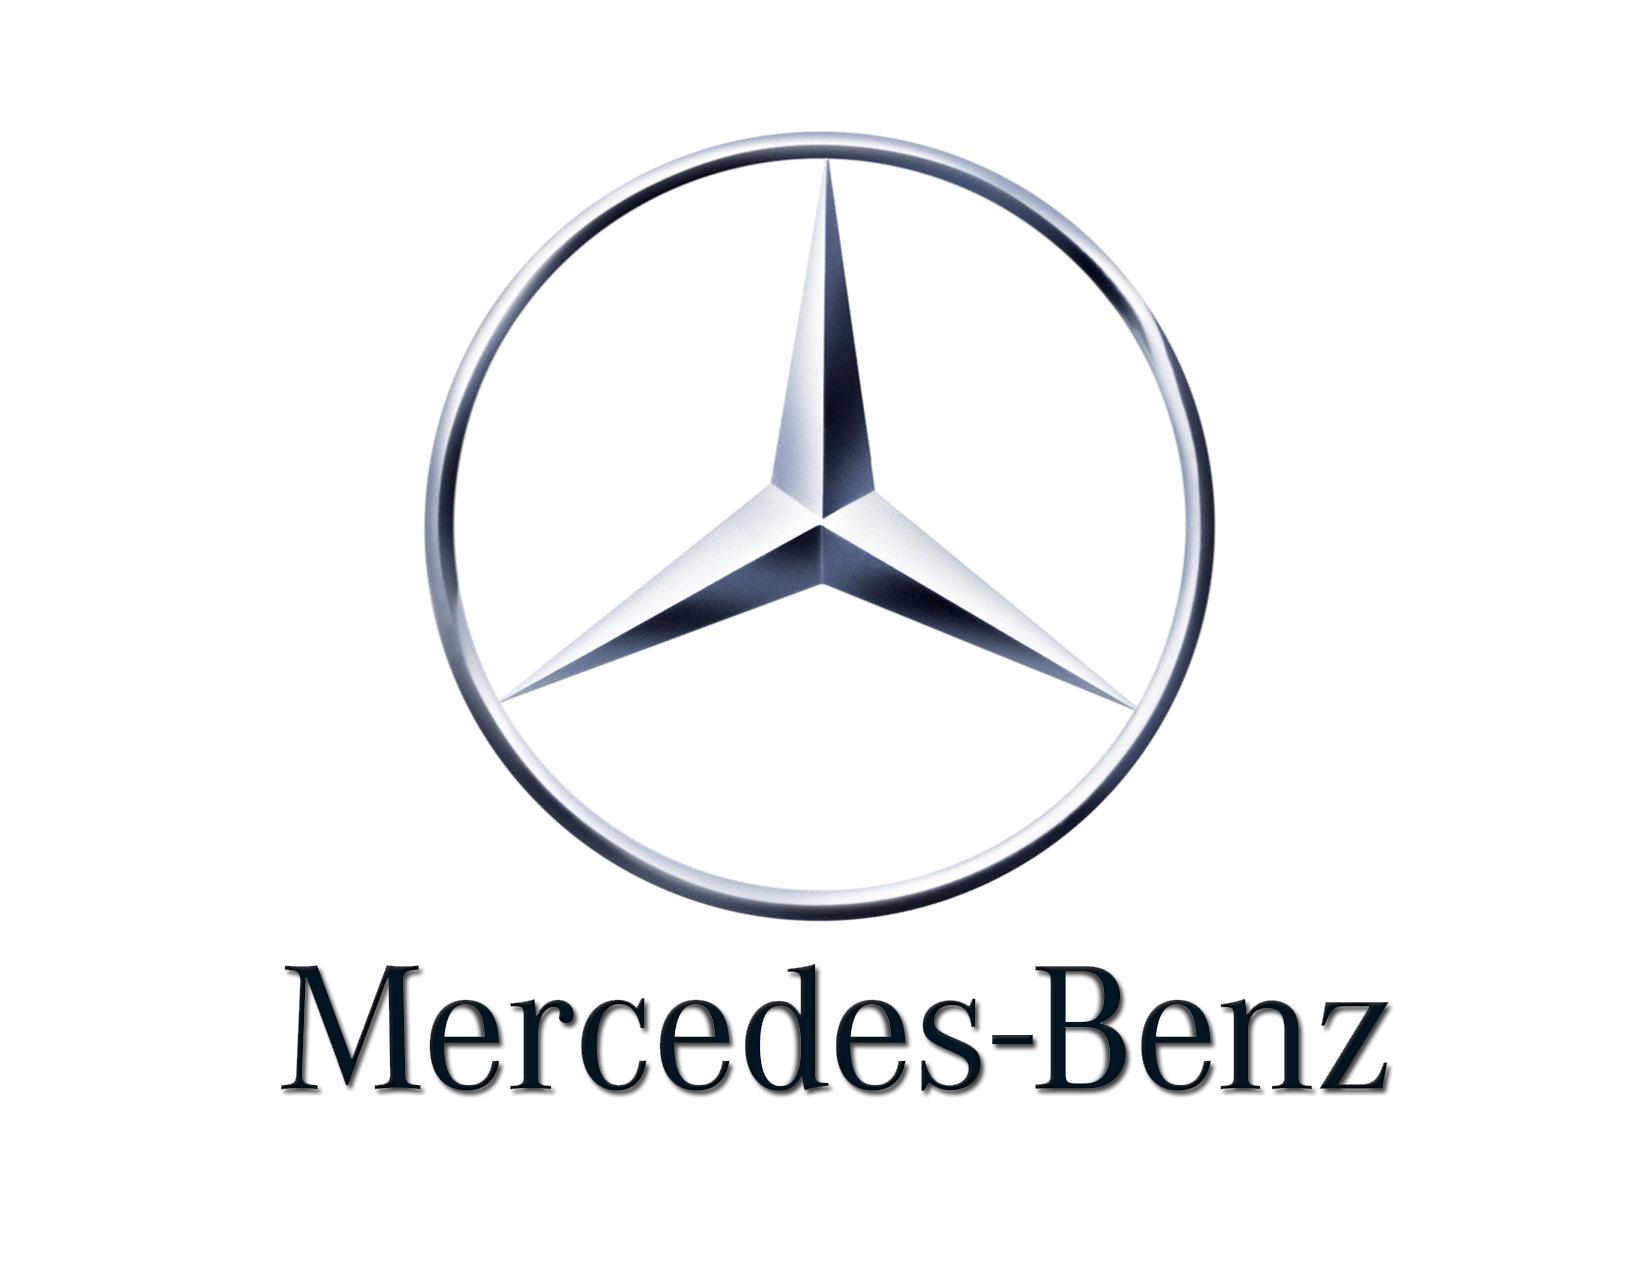 mercedes-benz-cars-logo-emblem[1]